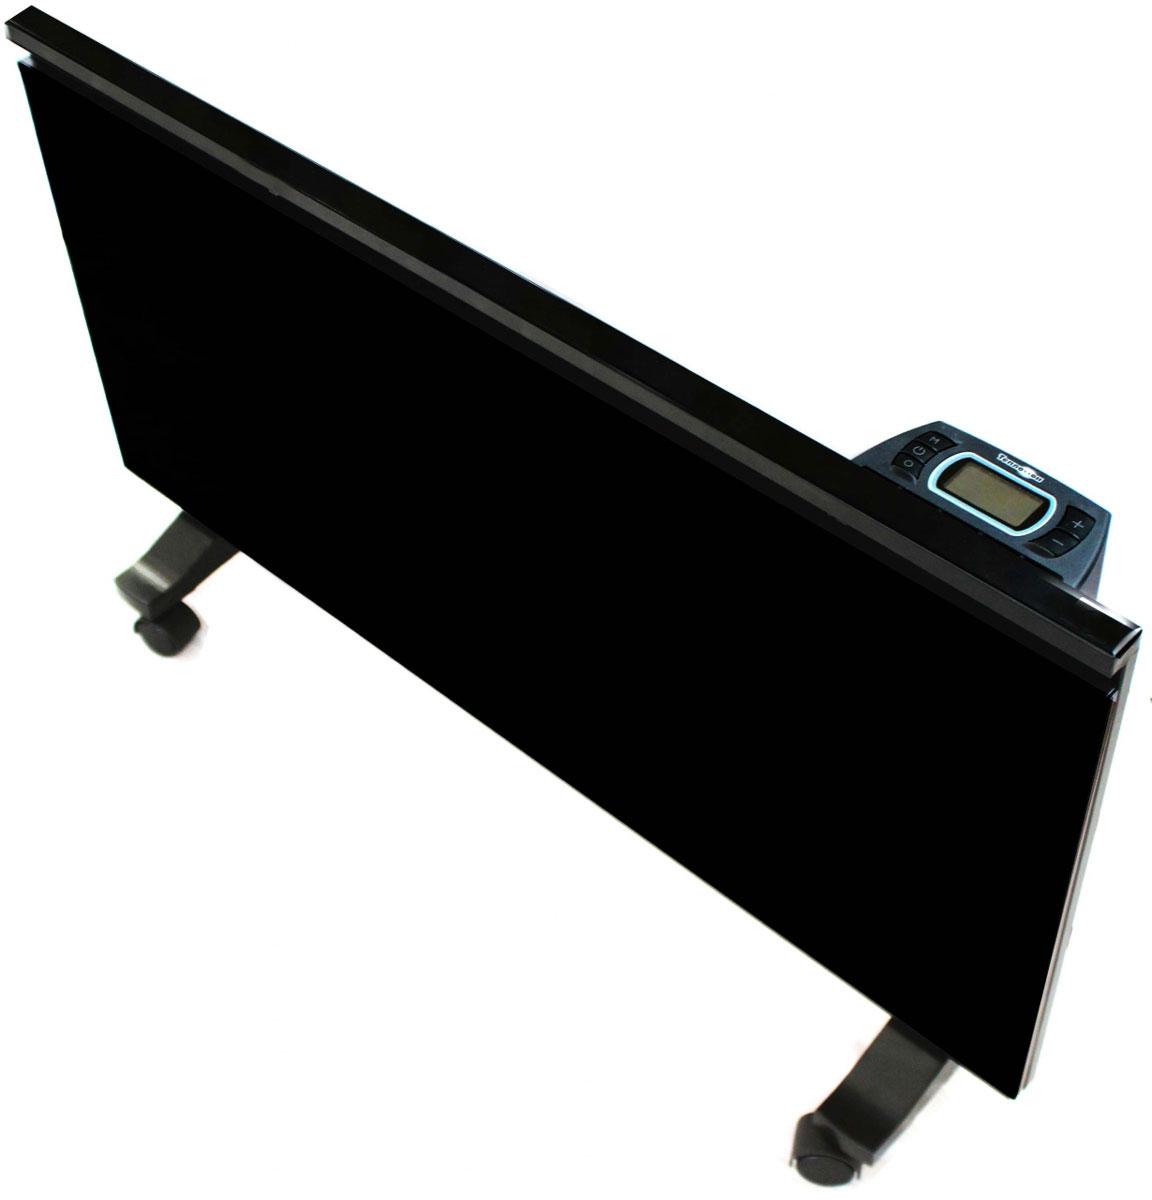 лучшая цена Теплофон Binar-1000, Black электрообогреватель